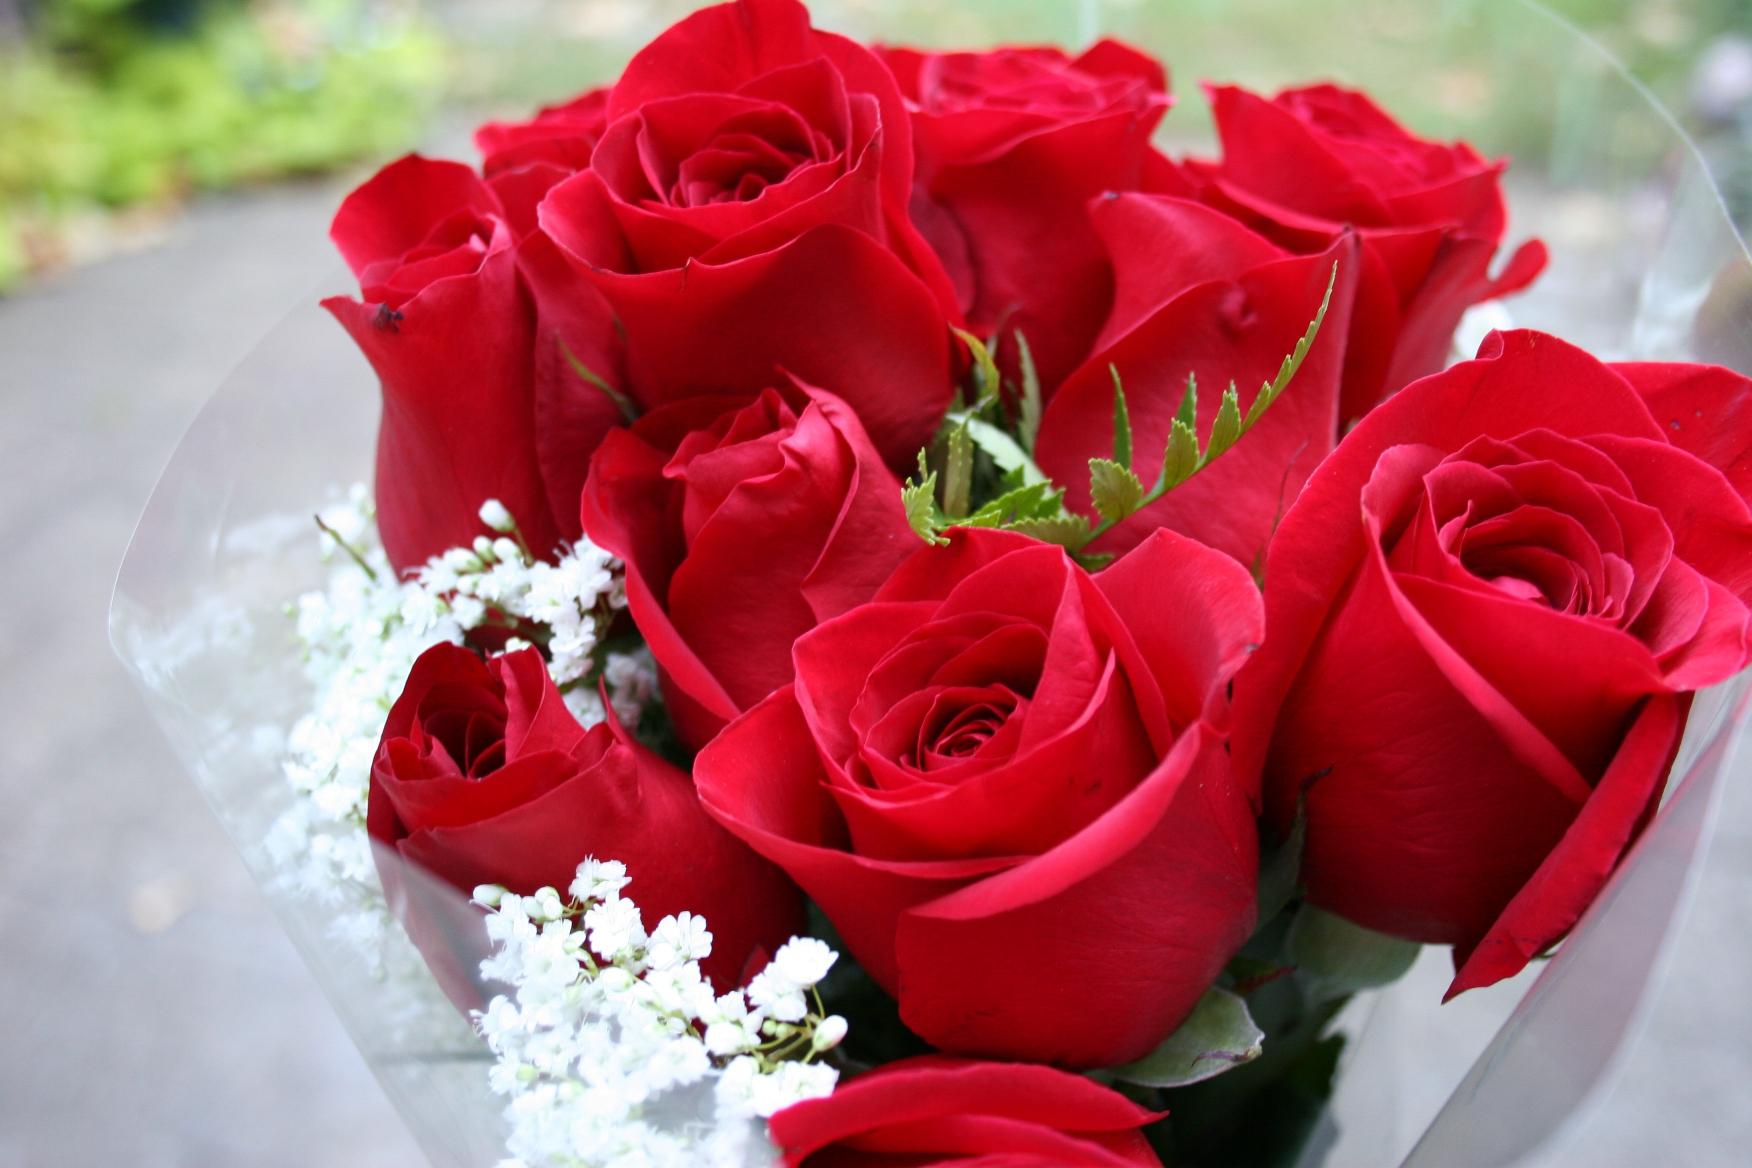 بالصور بوكيه ورد احمر , اجمل صور لبوكيهات الورد باللون الاحمر 4431 3